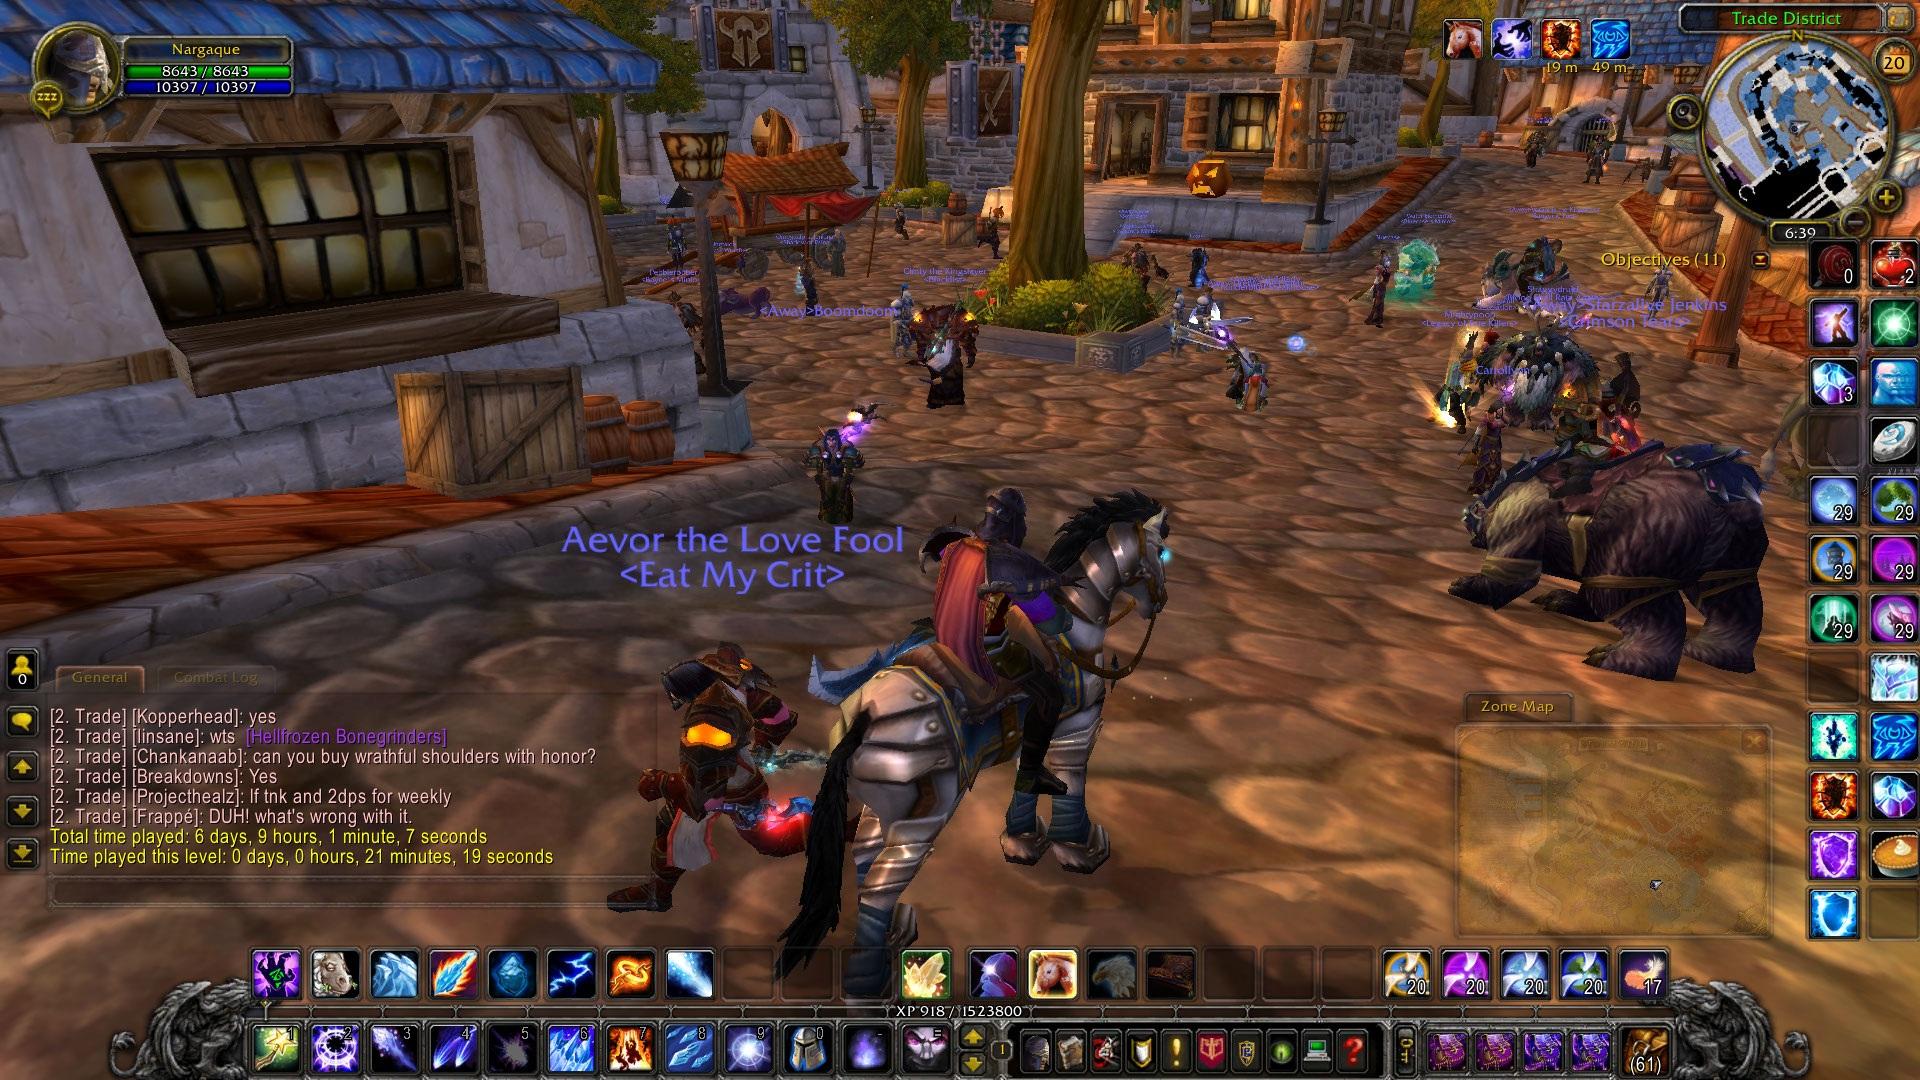 Faustwaffen Tipps - WoW Forum - World of Warcraft